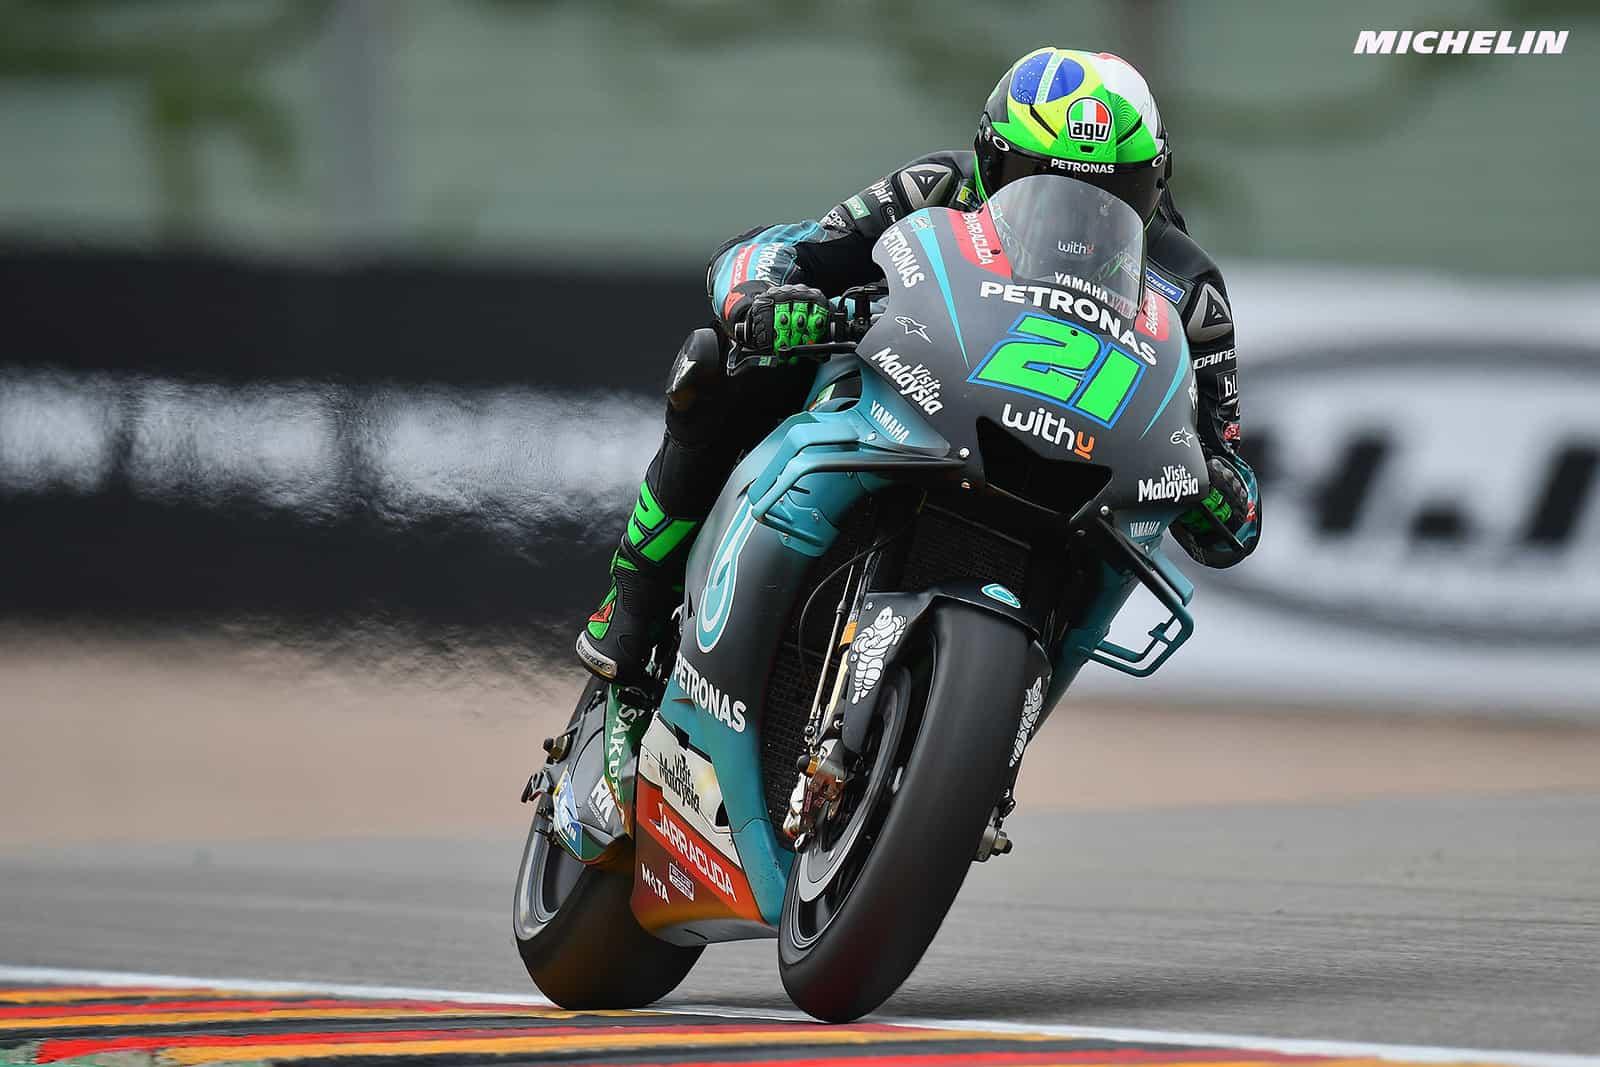 MotoGP2019ドイツGP 予選7位モルビデッリ「マルケス以外のペースは横並び」